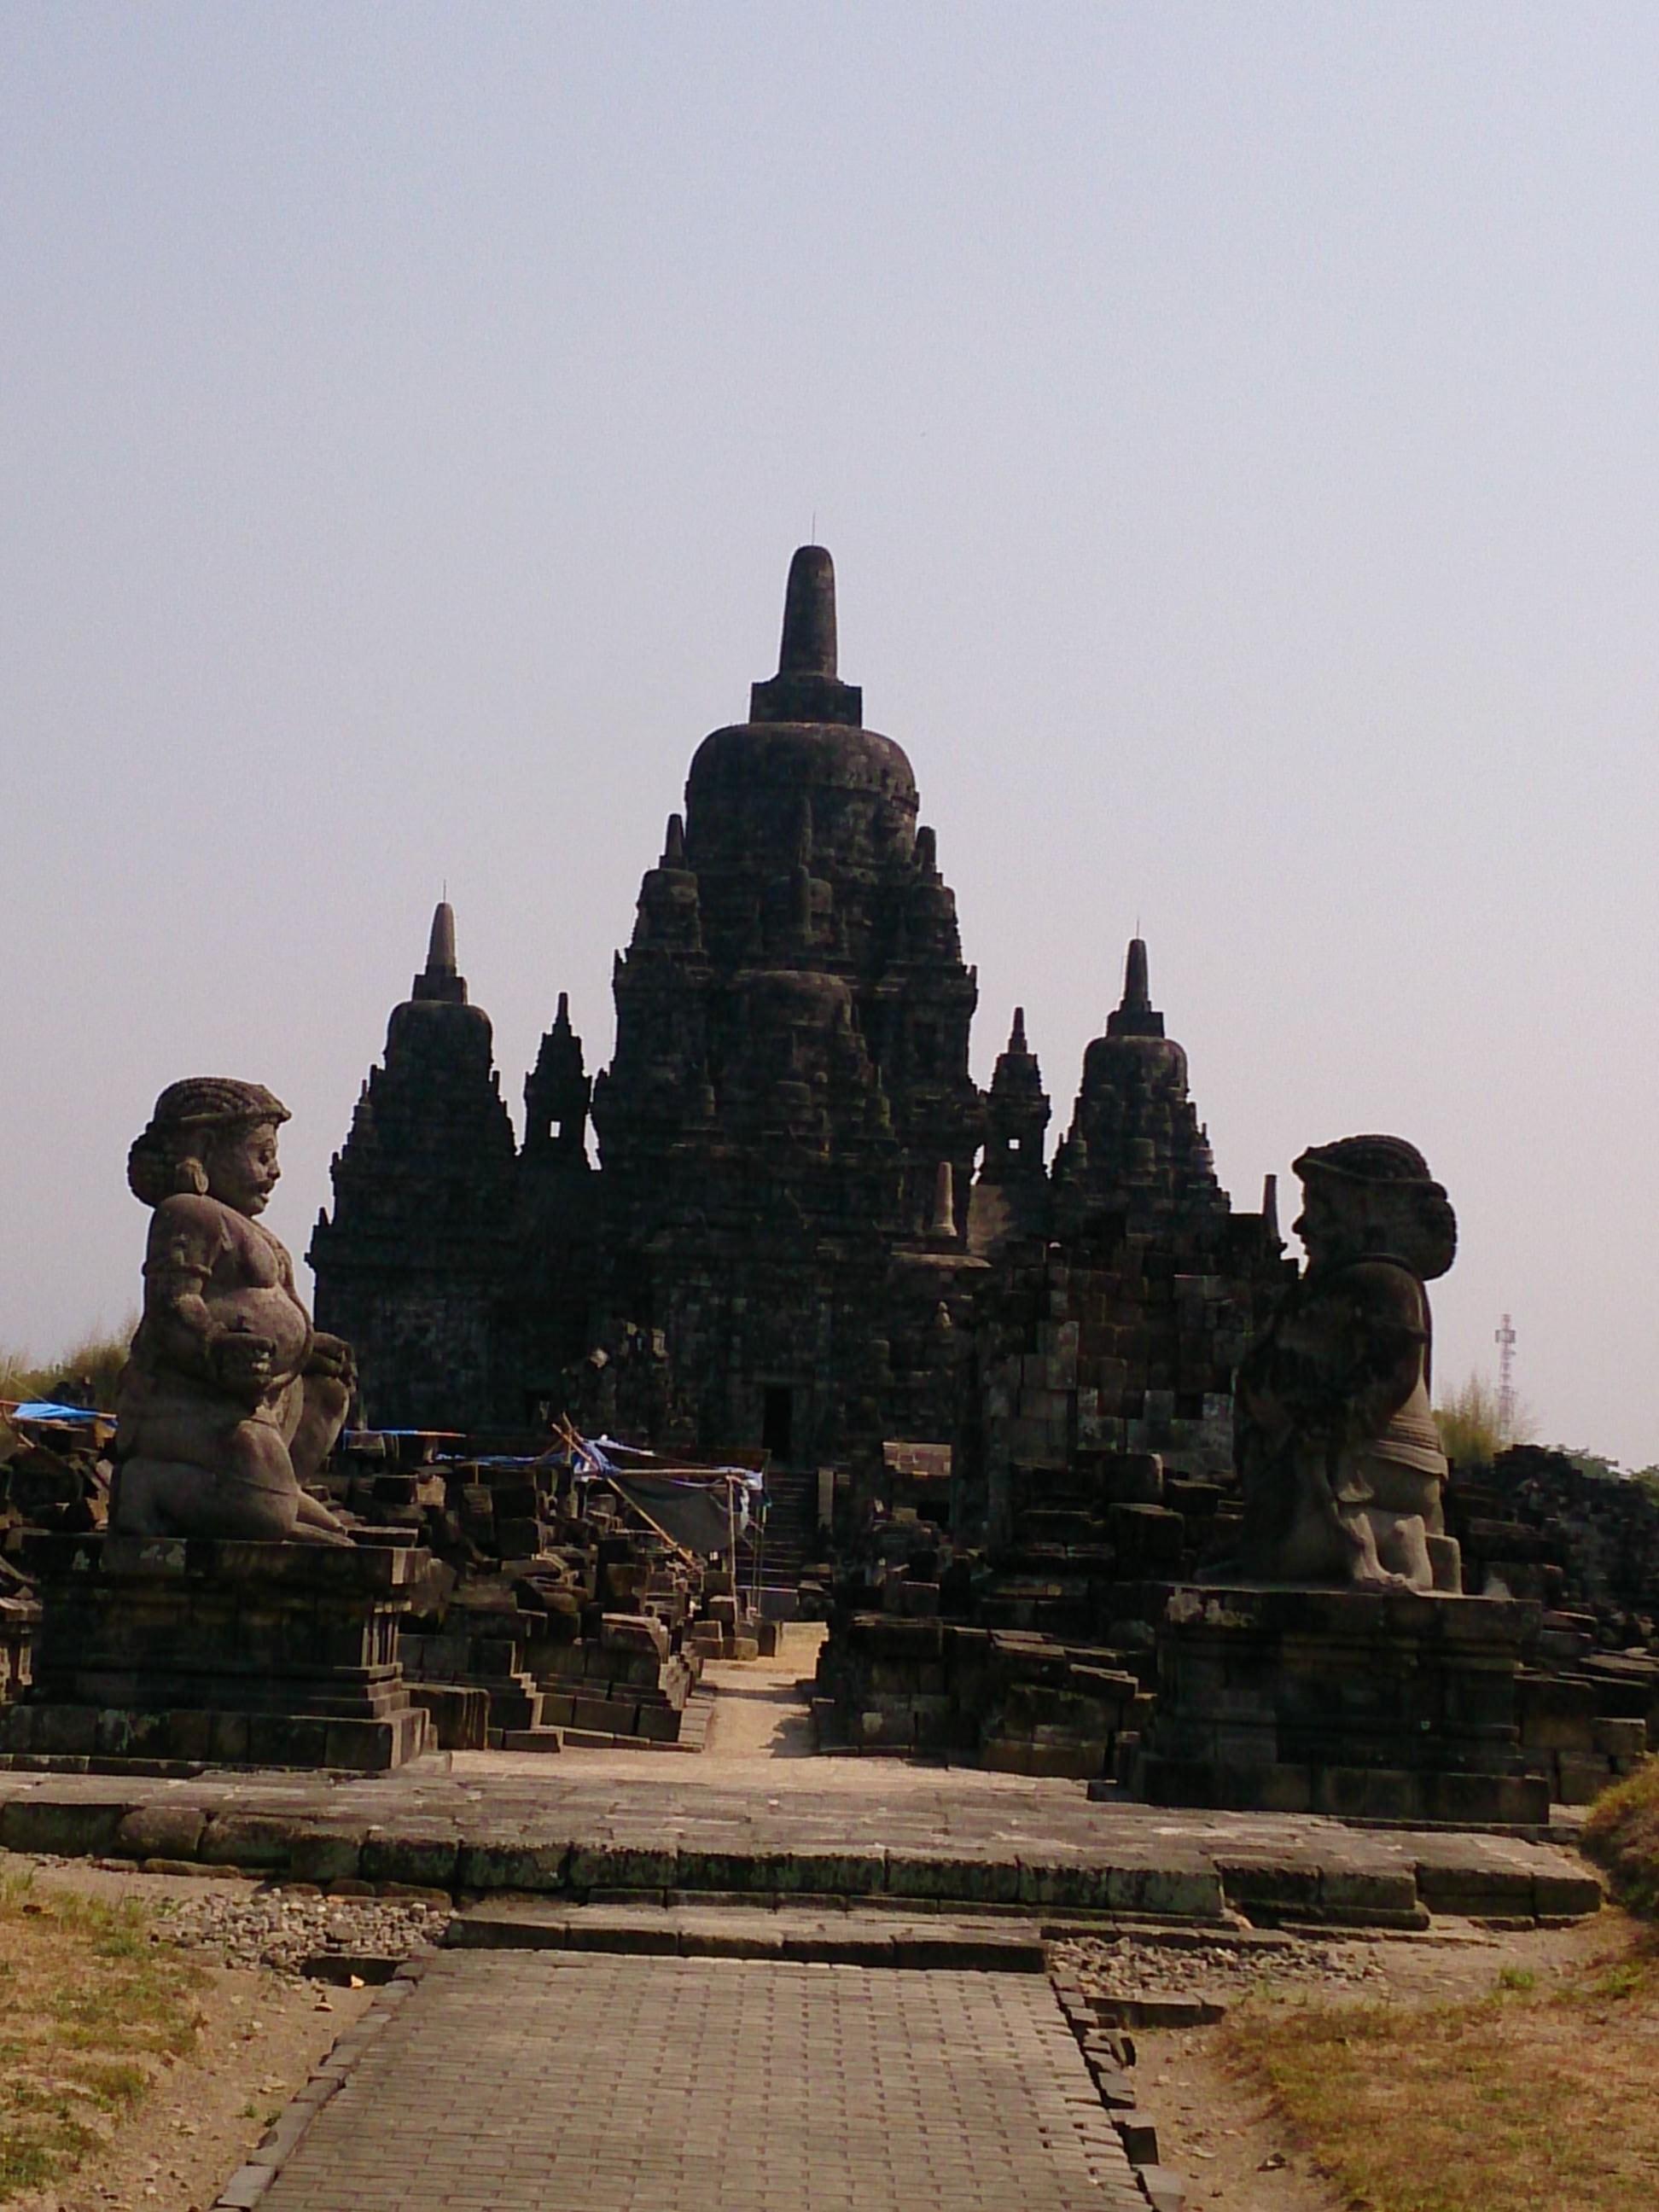 プランバナンのルンブン・ブブラ・セウ寺院